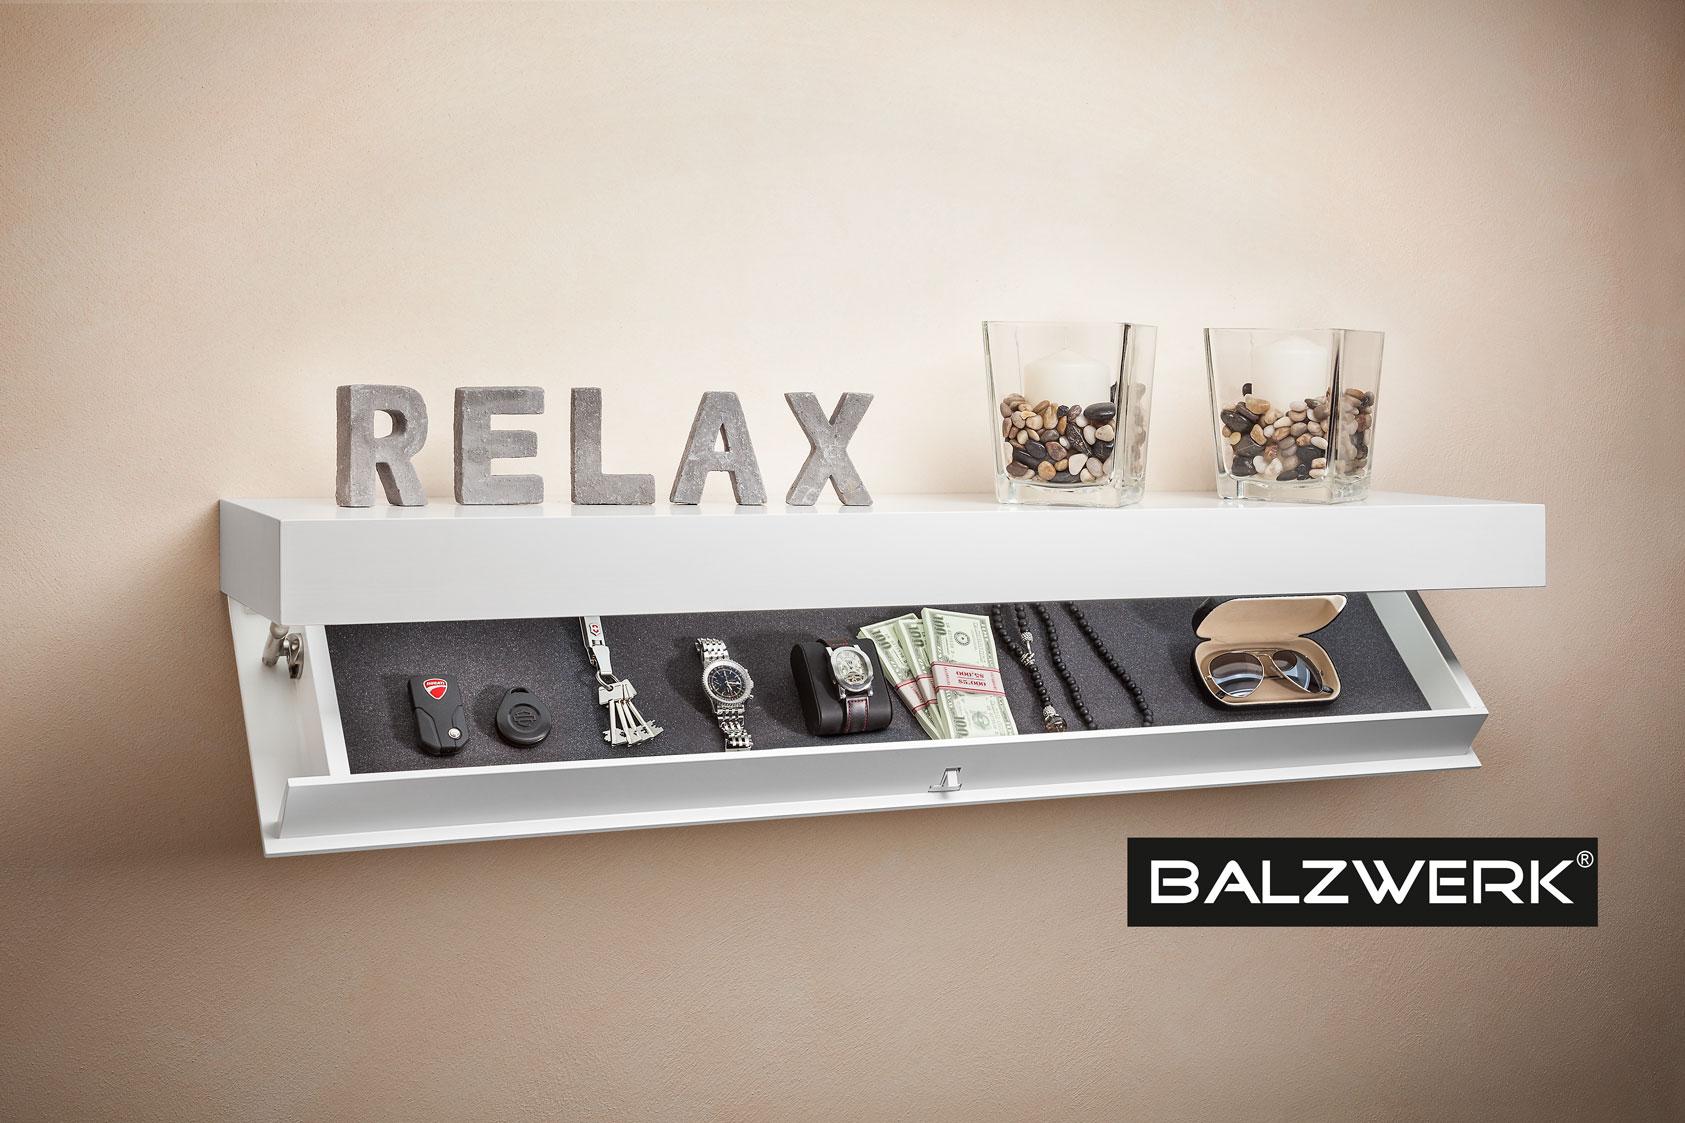 balzwerk® store - hochwertige möbel mit geheimfach - made in germany